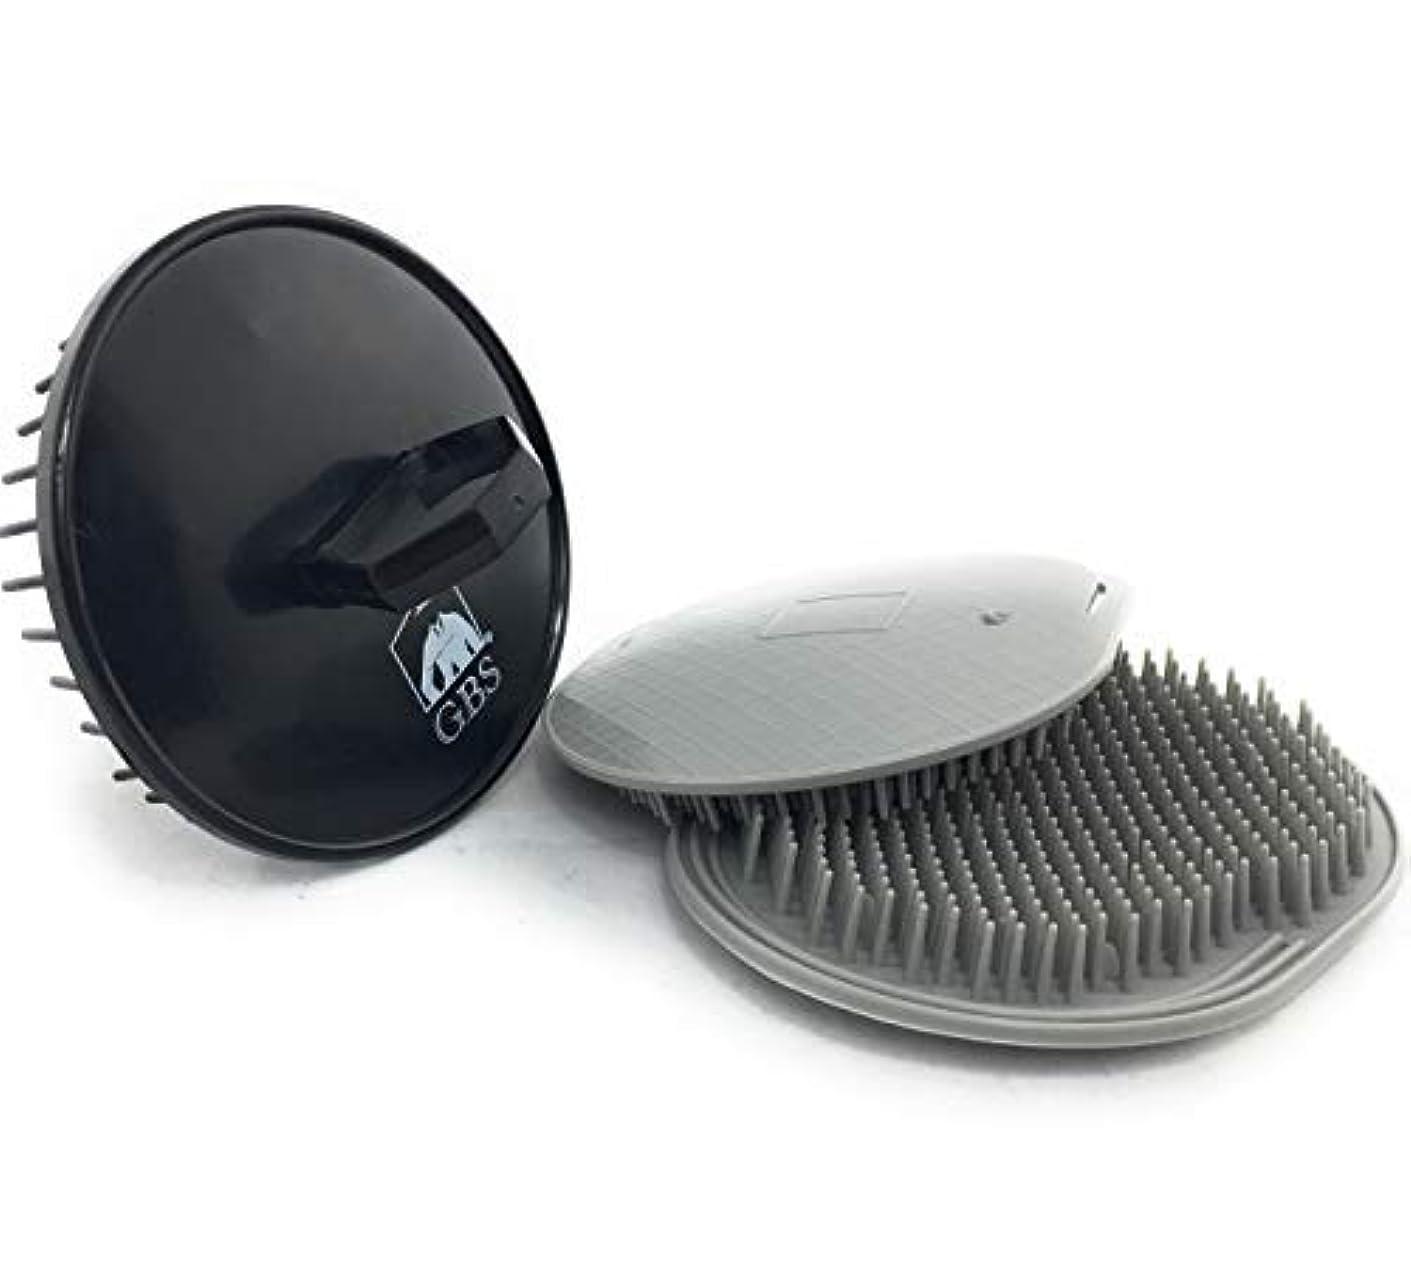 派生するチャンバーライナーGBS Soft Pocket Palm Brush. Massage and Head Scratcher. Made In USA 2-Pack - Gray Plus 1 Black Shampoo Brush -...